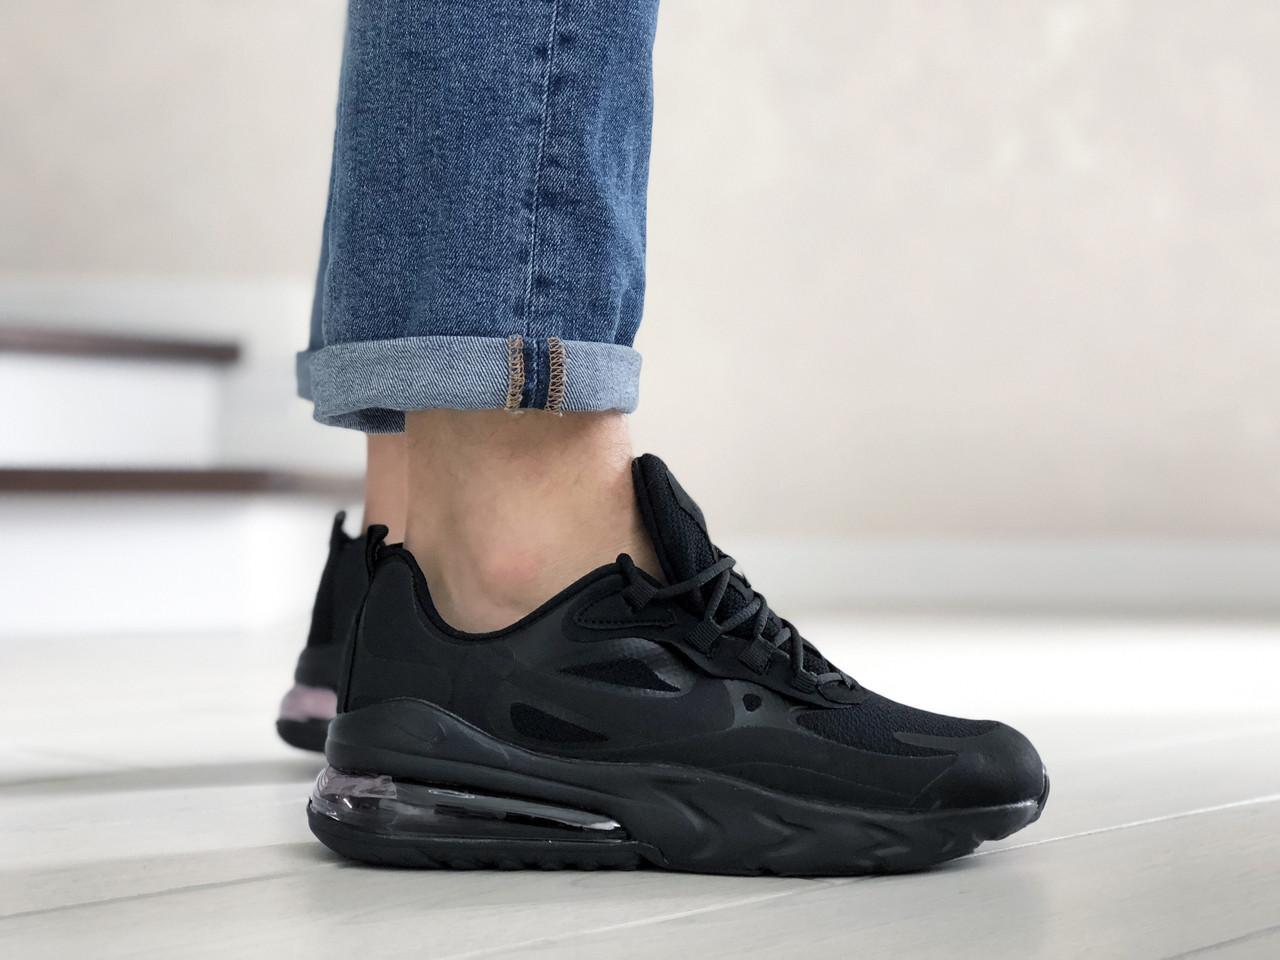 Чоловічі кросівки Nike Air Max 270 React чорні / текстильні кросівки Найк Реактив (Топ репліка ААА+)